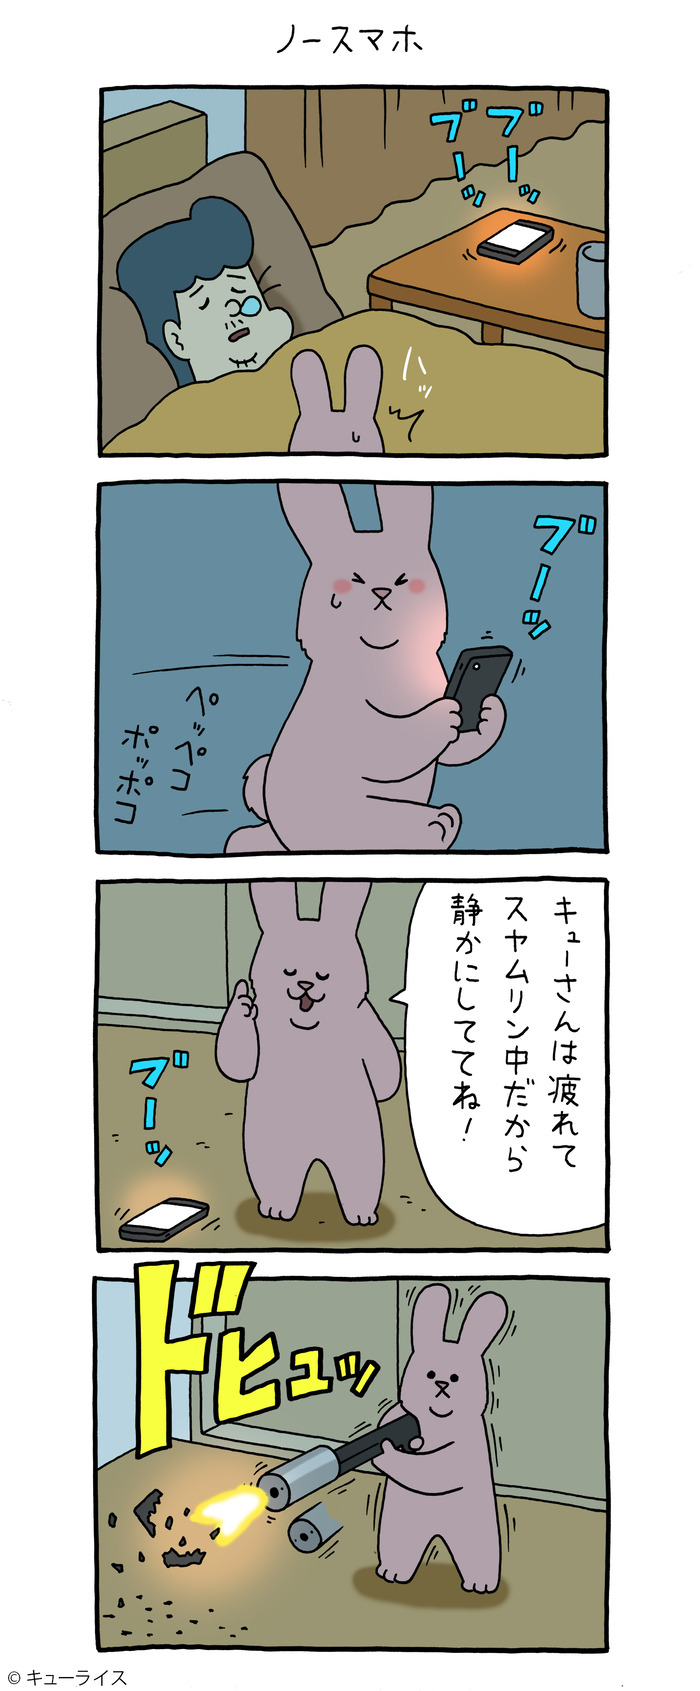 スキウサギ ノースマホ のコピー